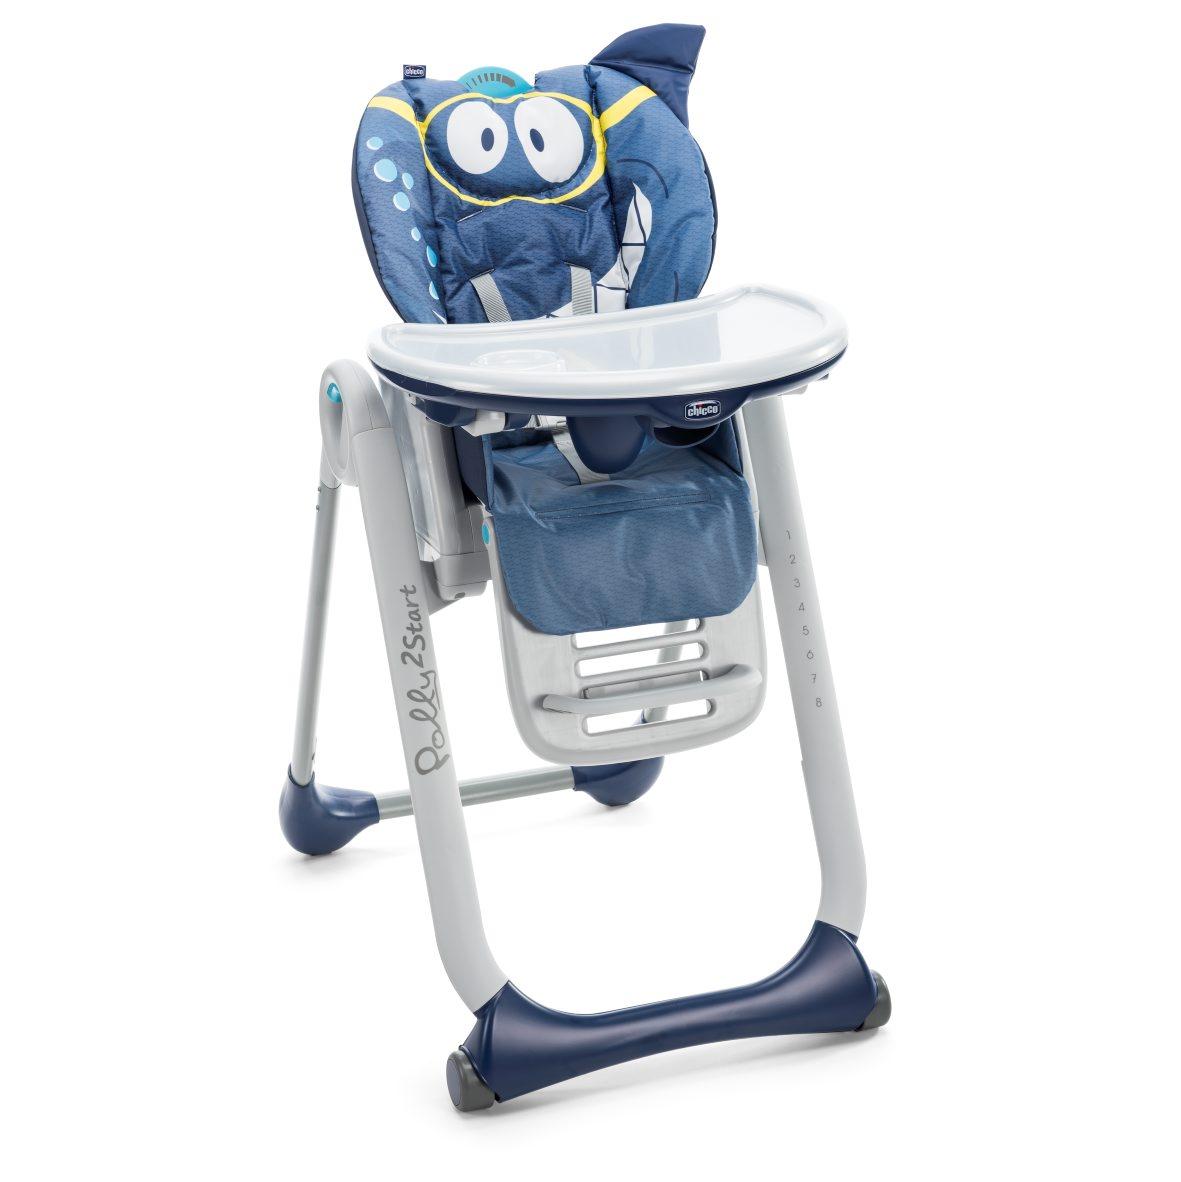 Židlička jídelní Polly 2 Start - SHARK